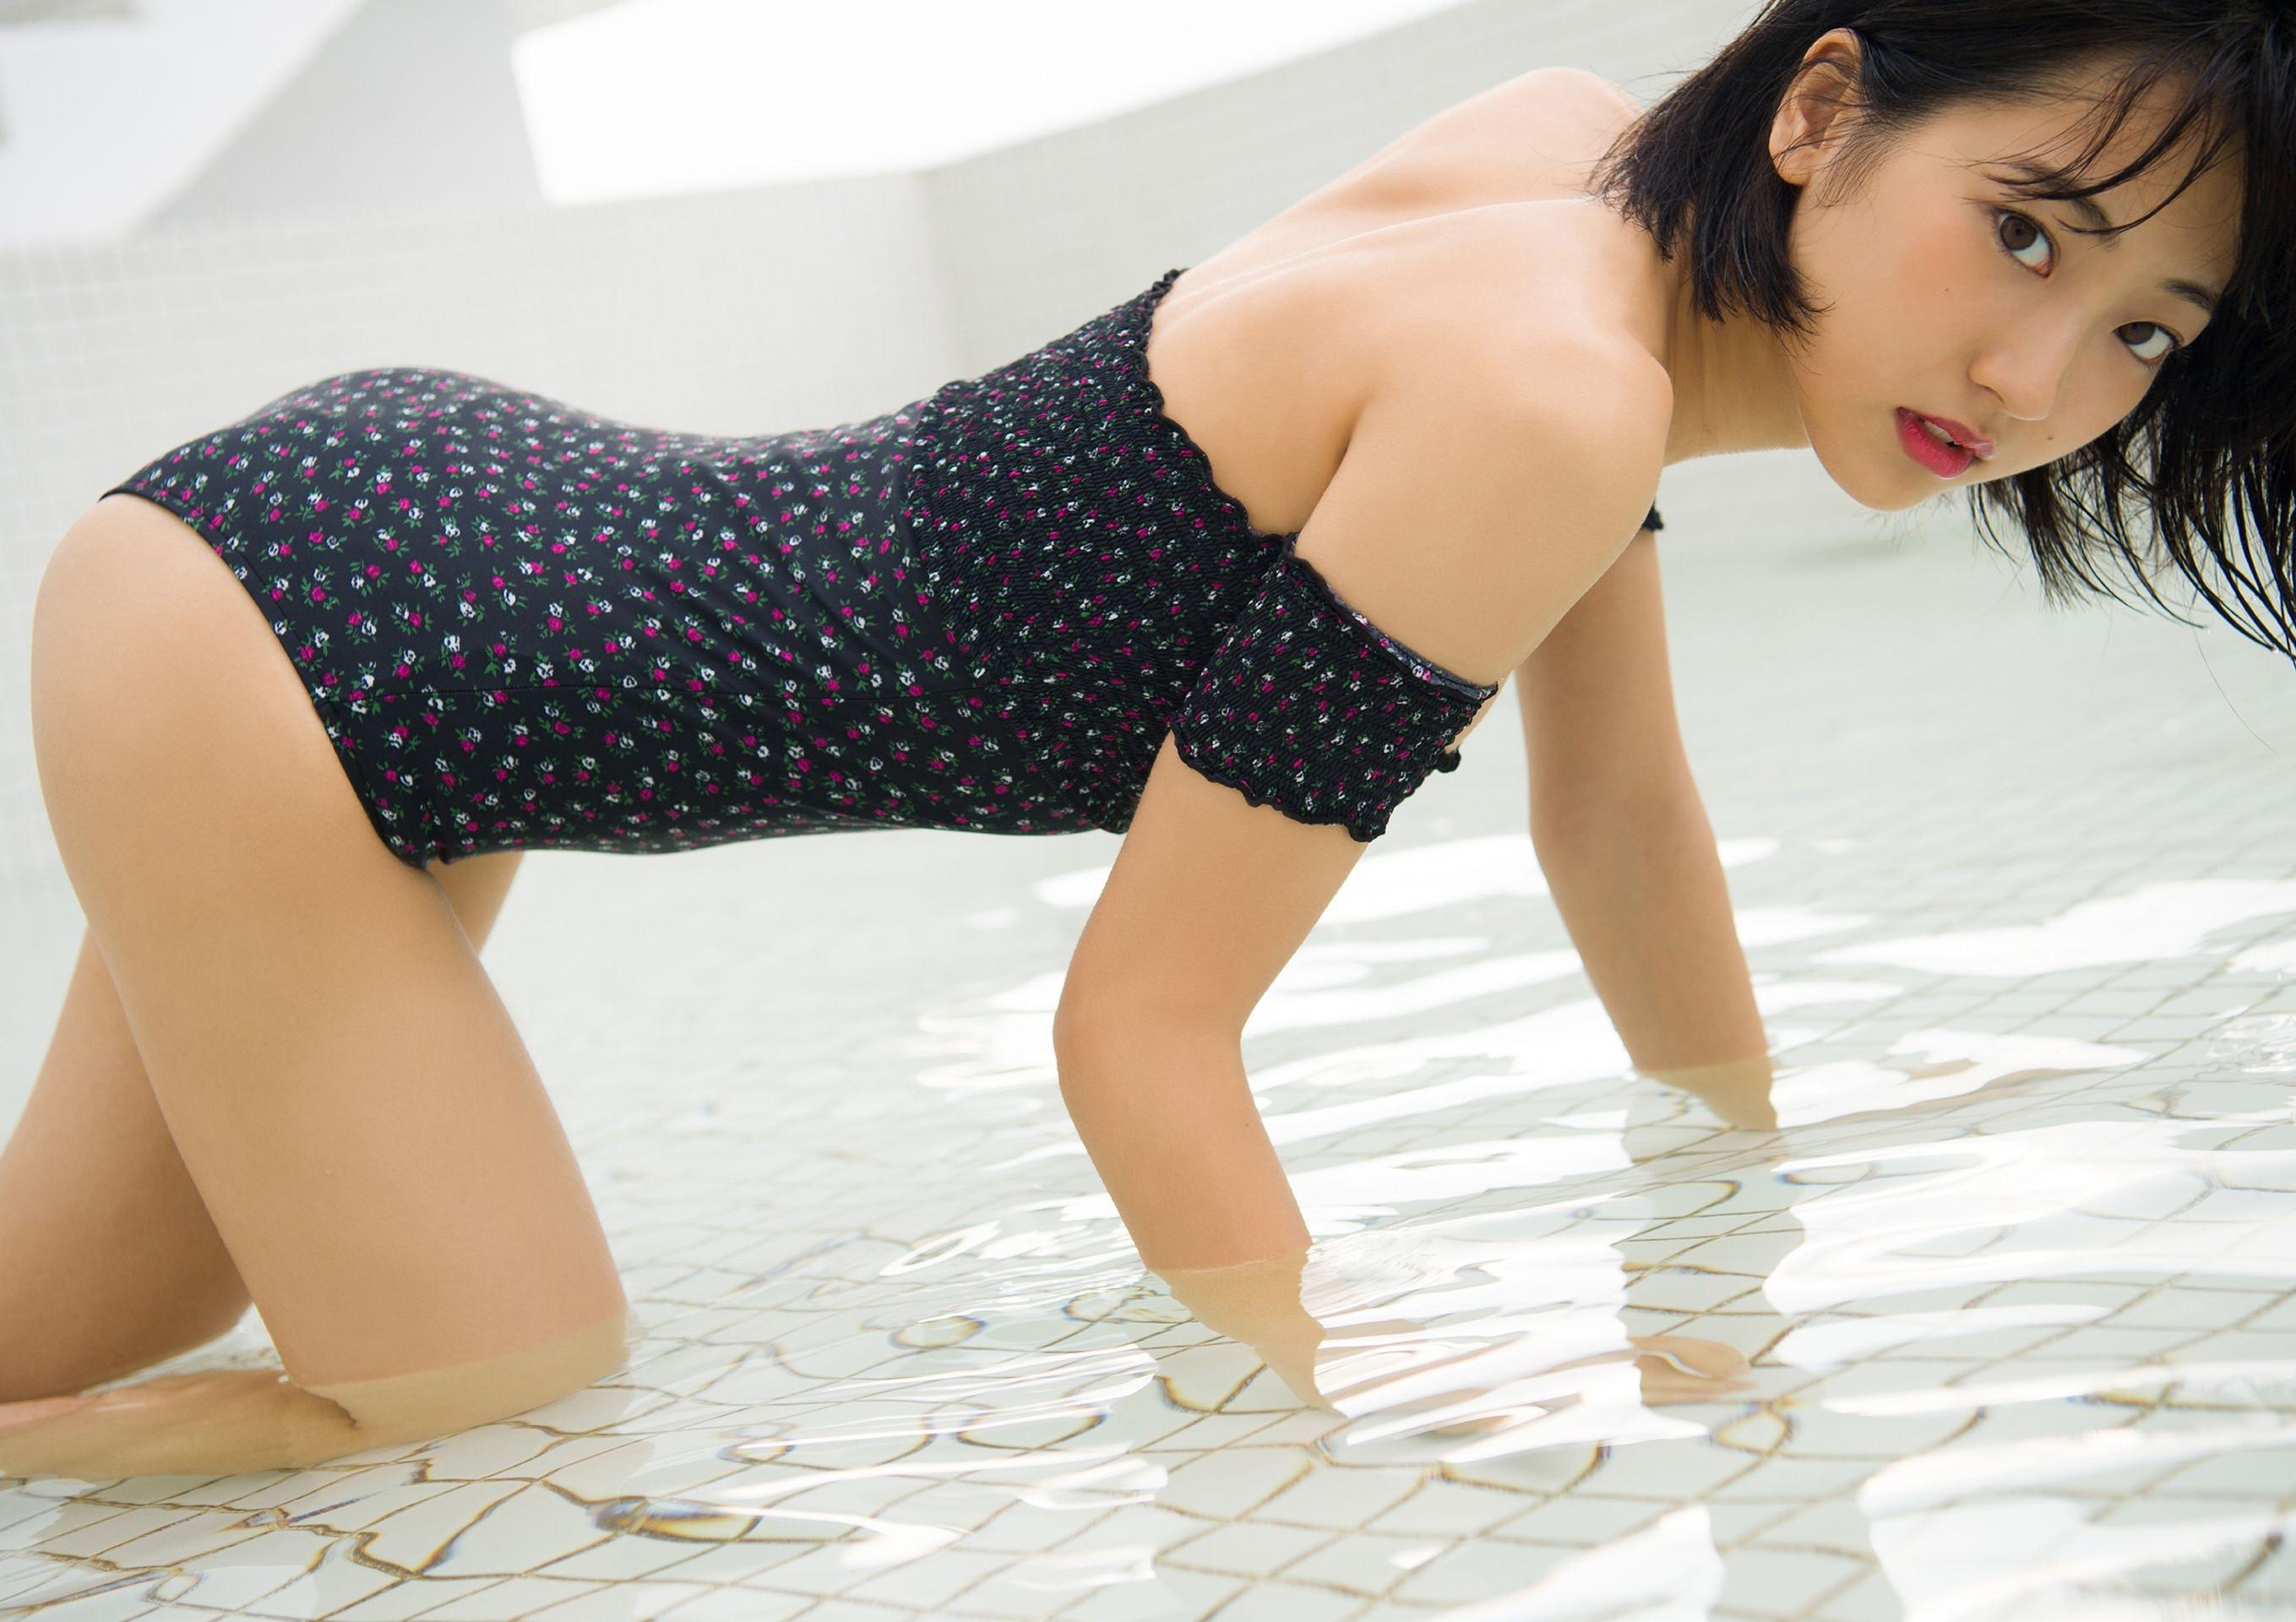 武田玲奈 デジタル写真集「玲奈の夏バカンス」05